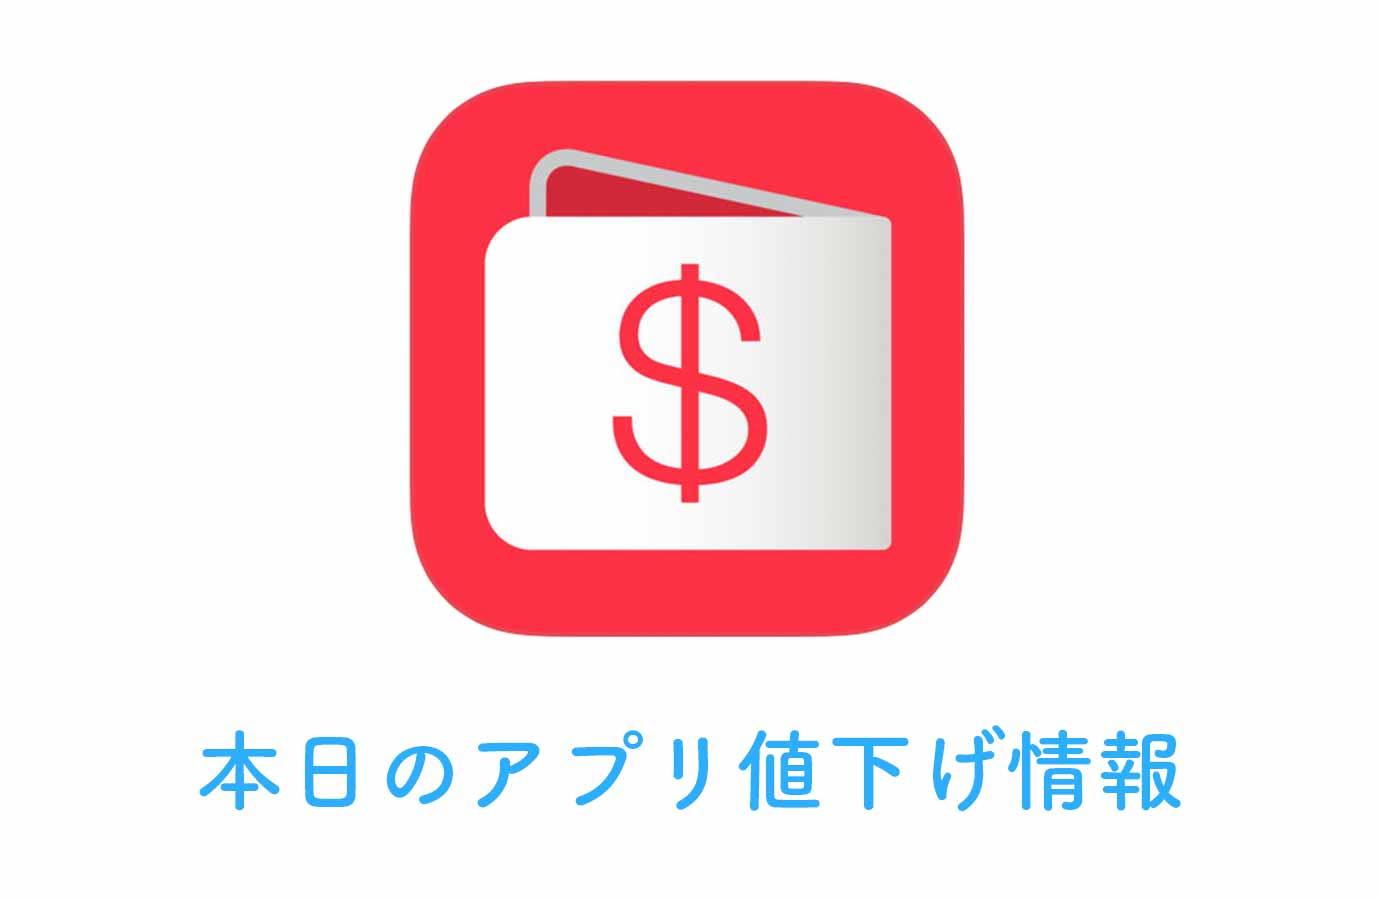 600円→240円!人気の家計簿アプリ「アクティブマネー Pro」など【1/4】アプリ値下げ情報